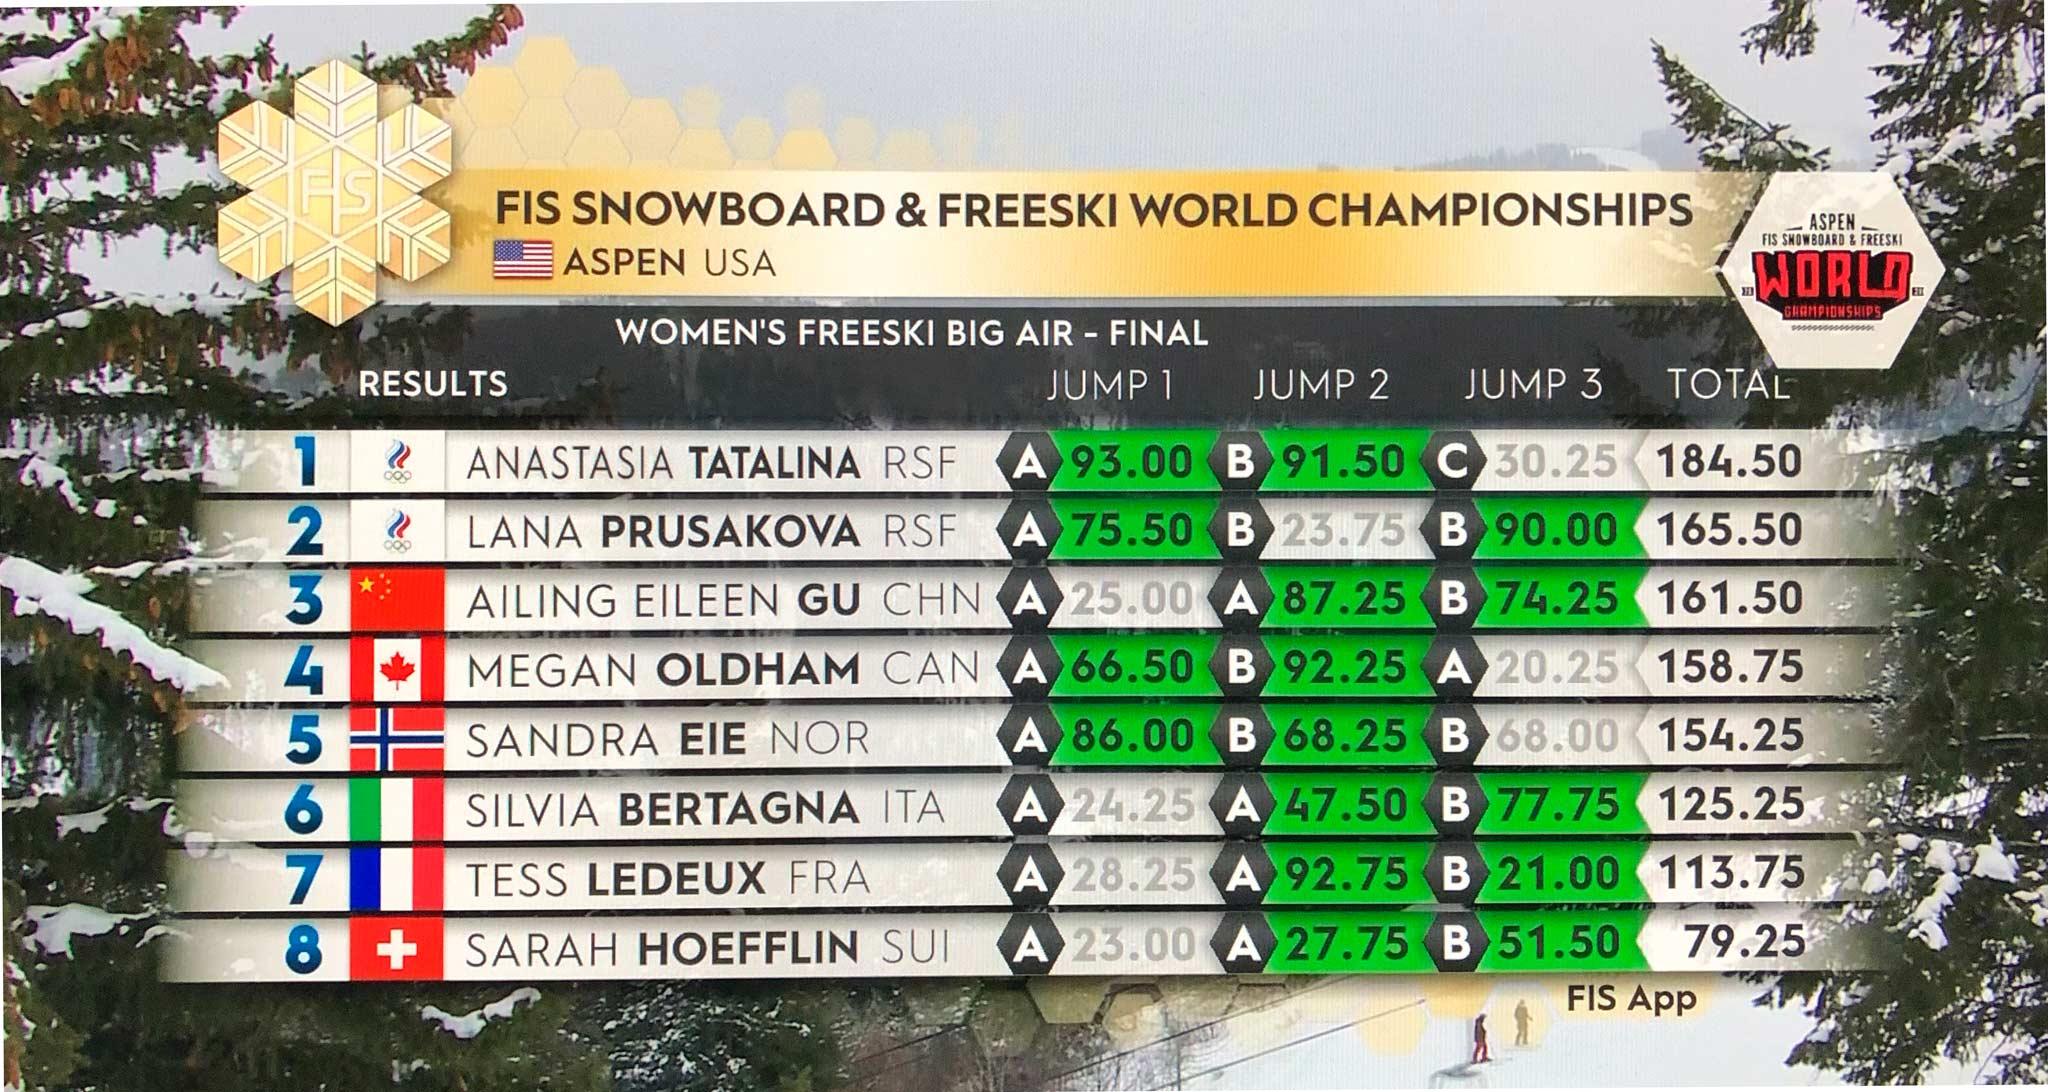 Das Ergebnis der Frauen beim Big Air Contest im Rahmen der Freeski WM 2021 in Aspen im Überblick.